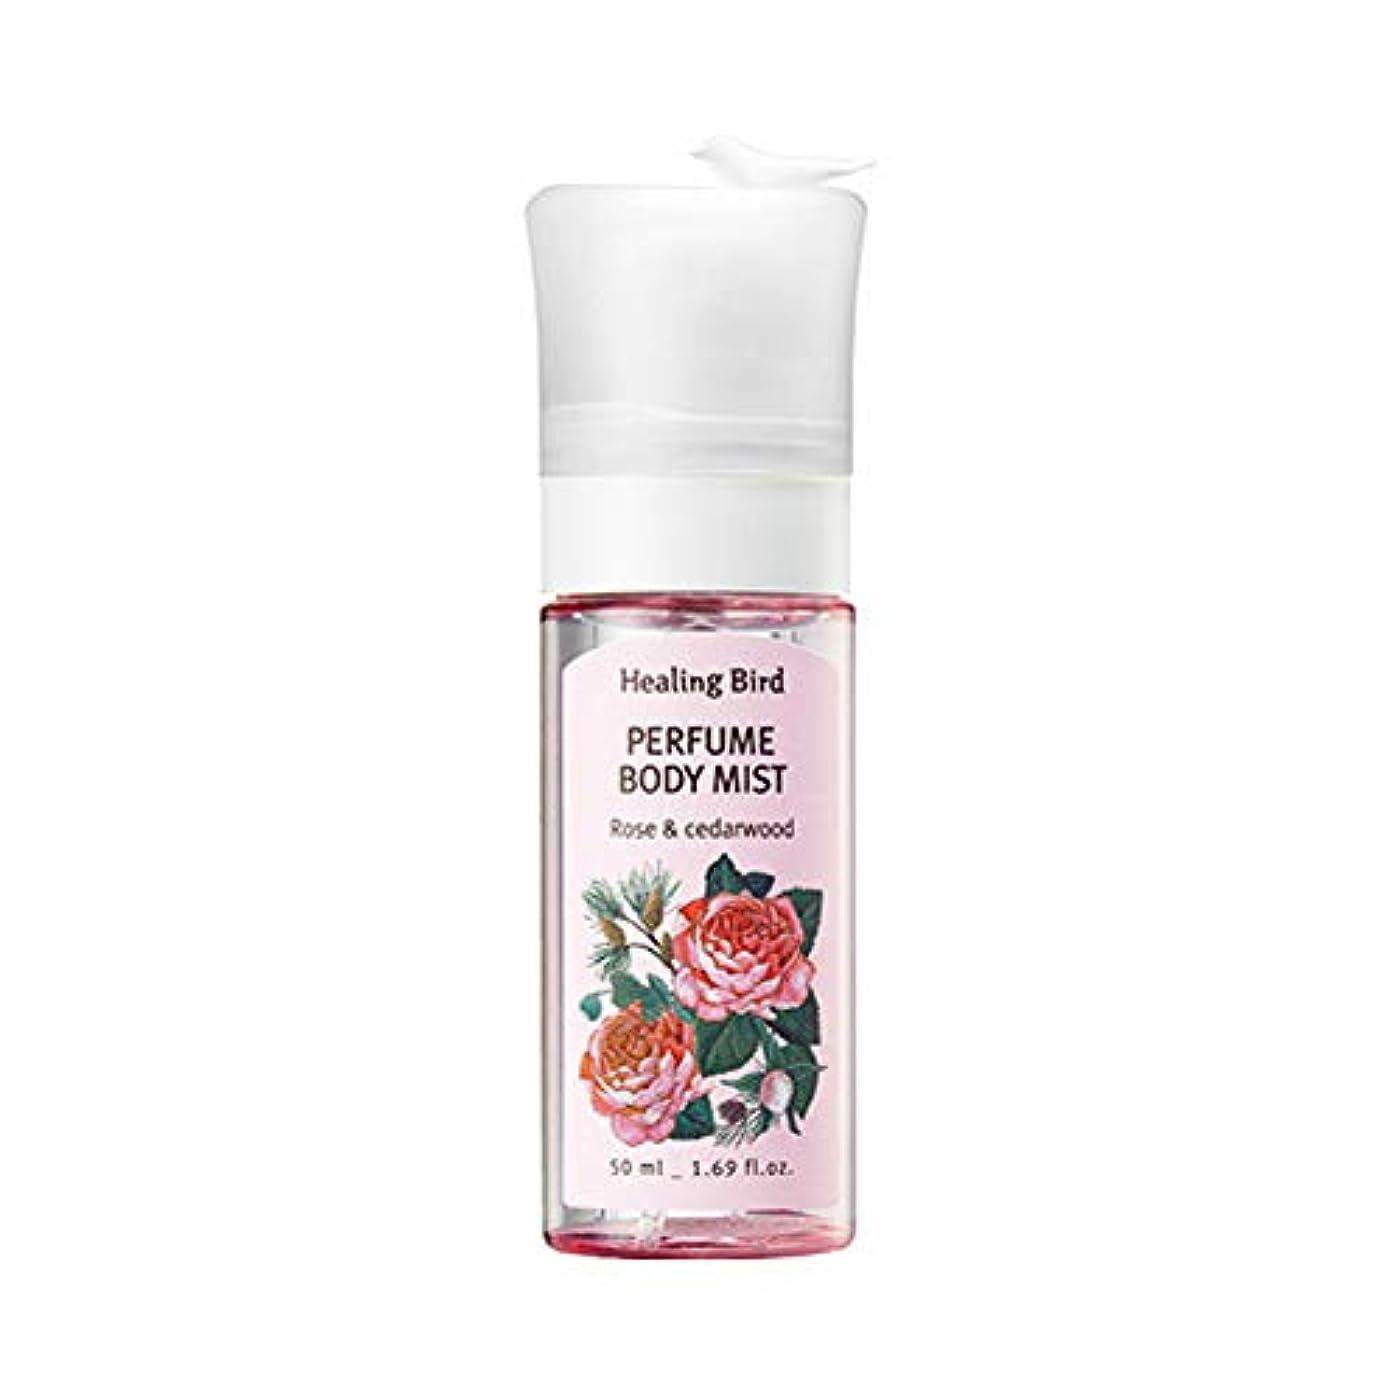 迫害する人工レンジHealing Bird Perfume Body Mist 50ml パヒュームボディミスト (Rose & Cedarwood) [並行輸入品]